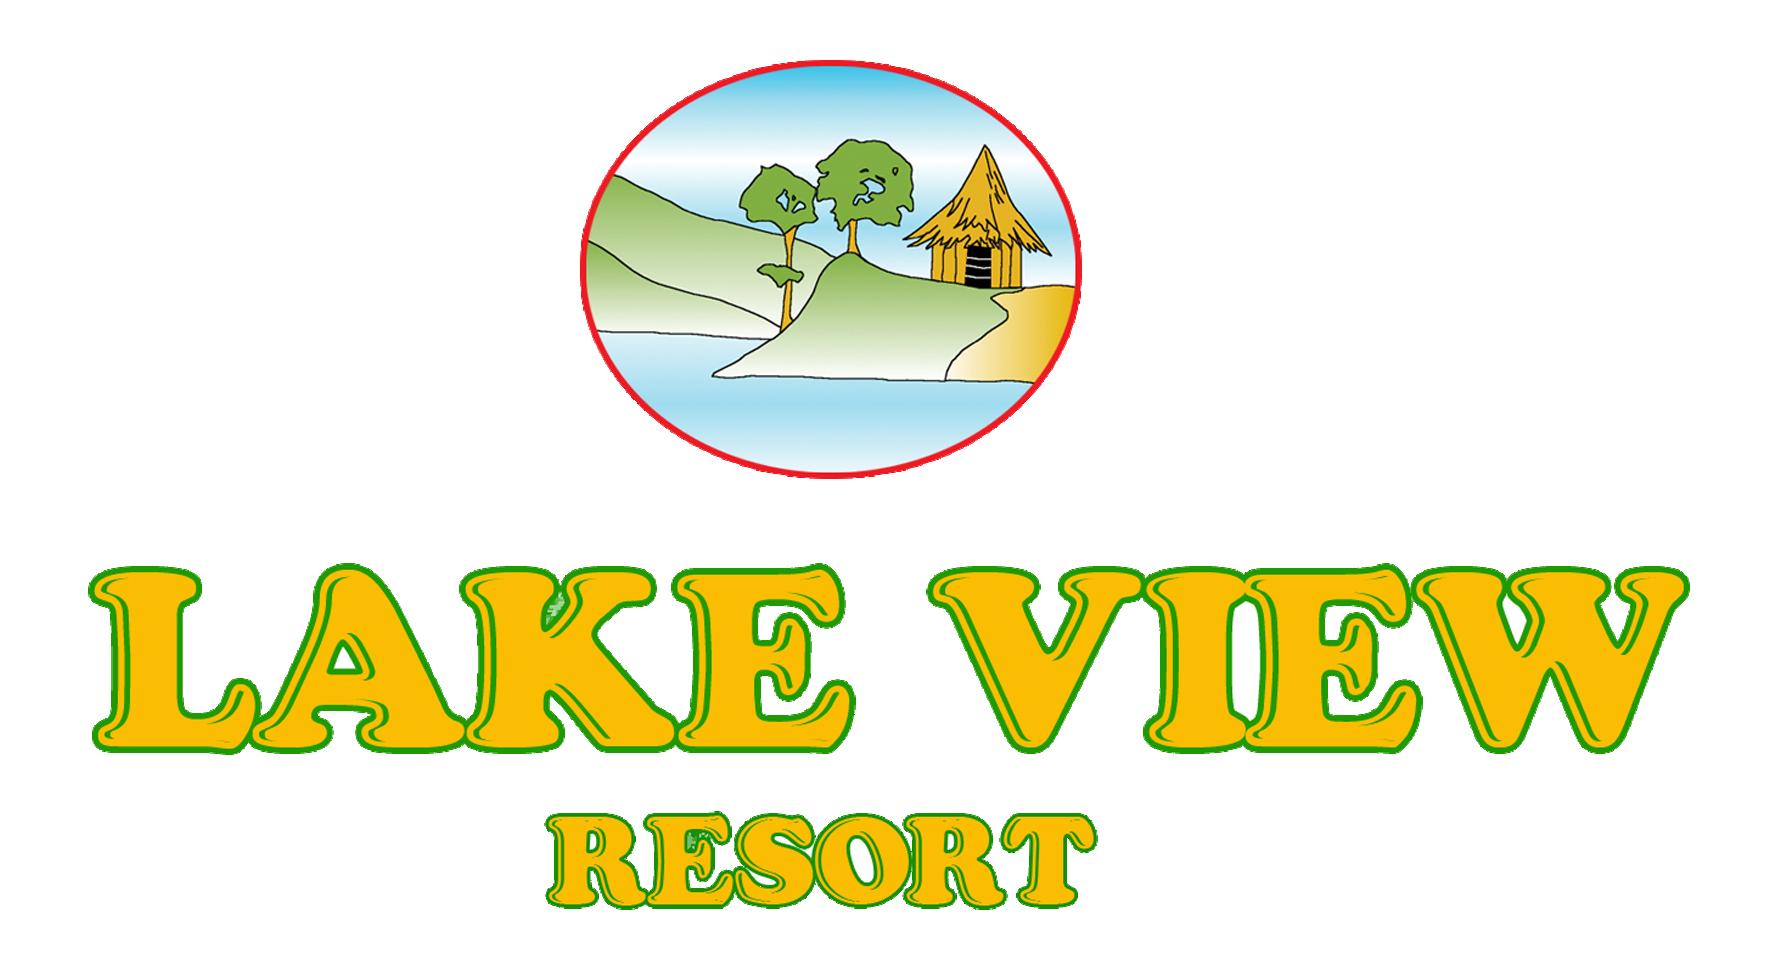 Lakeview Pokhara